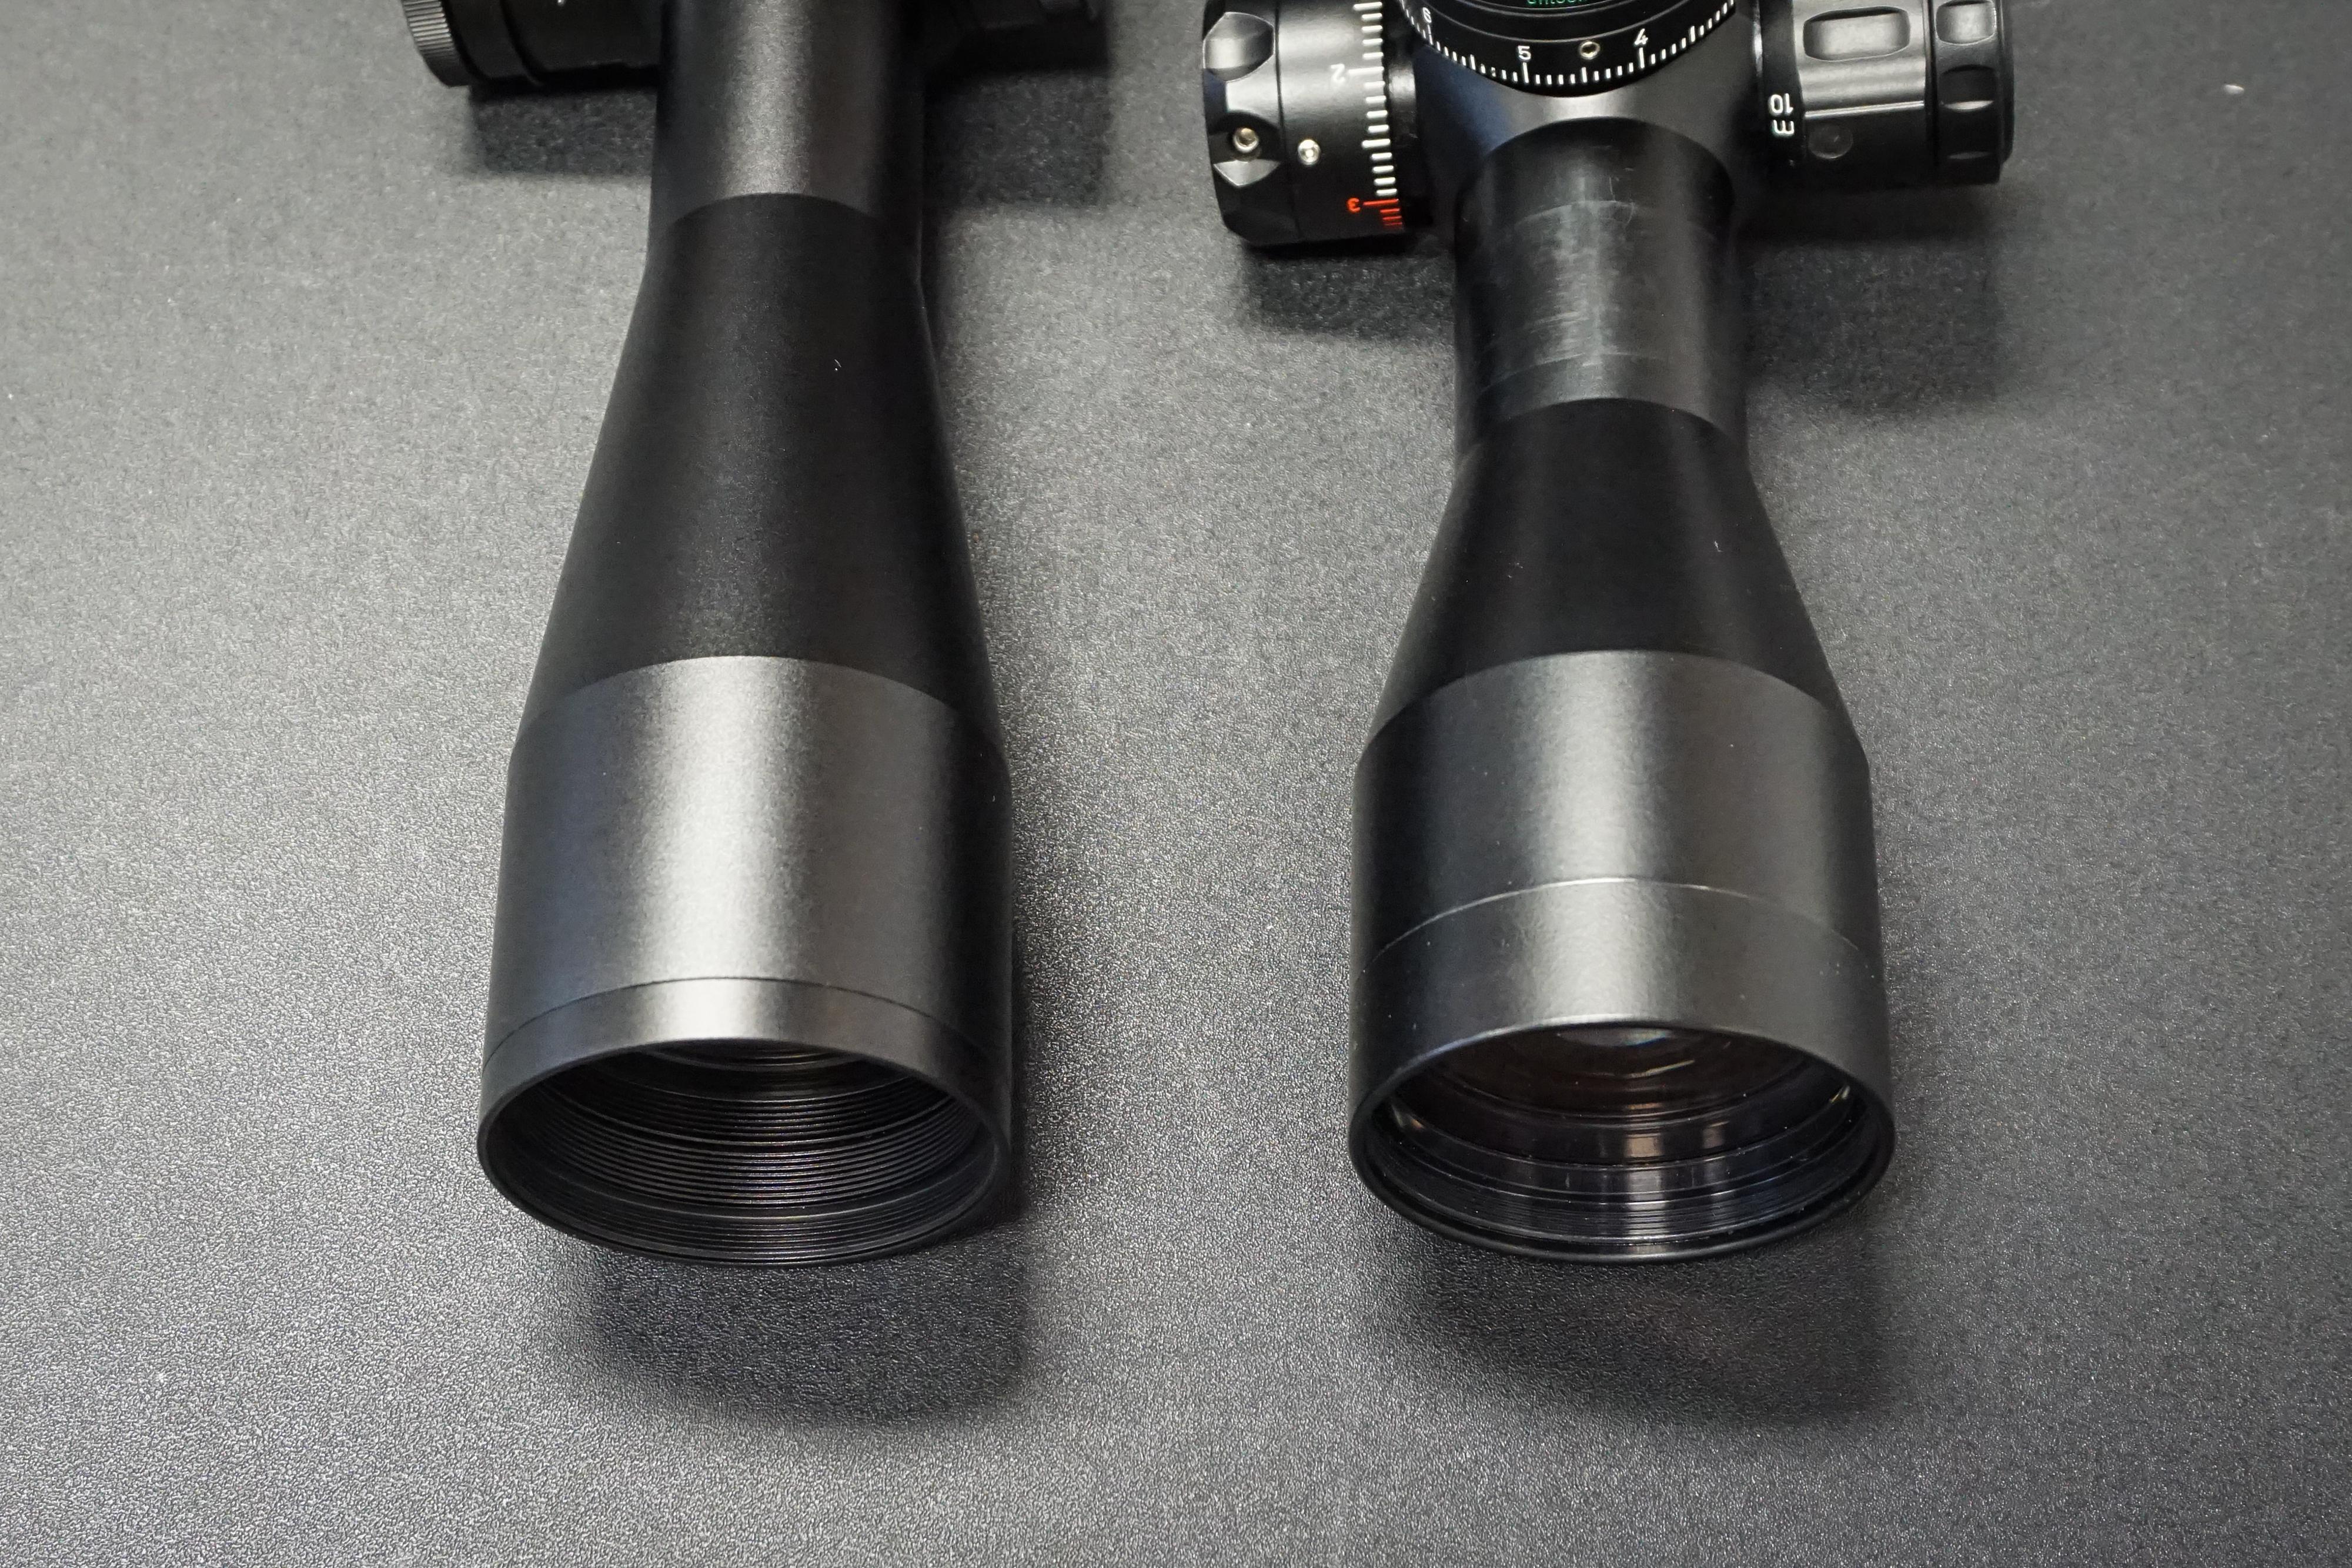 S&B 3-20x50 PM II vs IOR 3-25x50 IL Lutaz